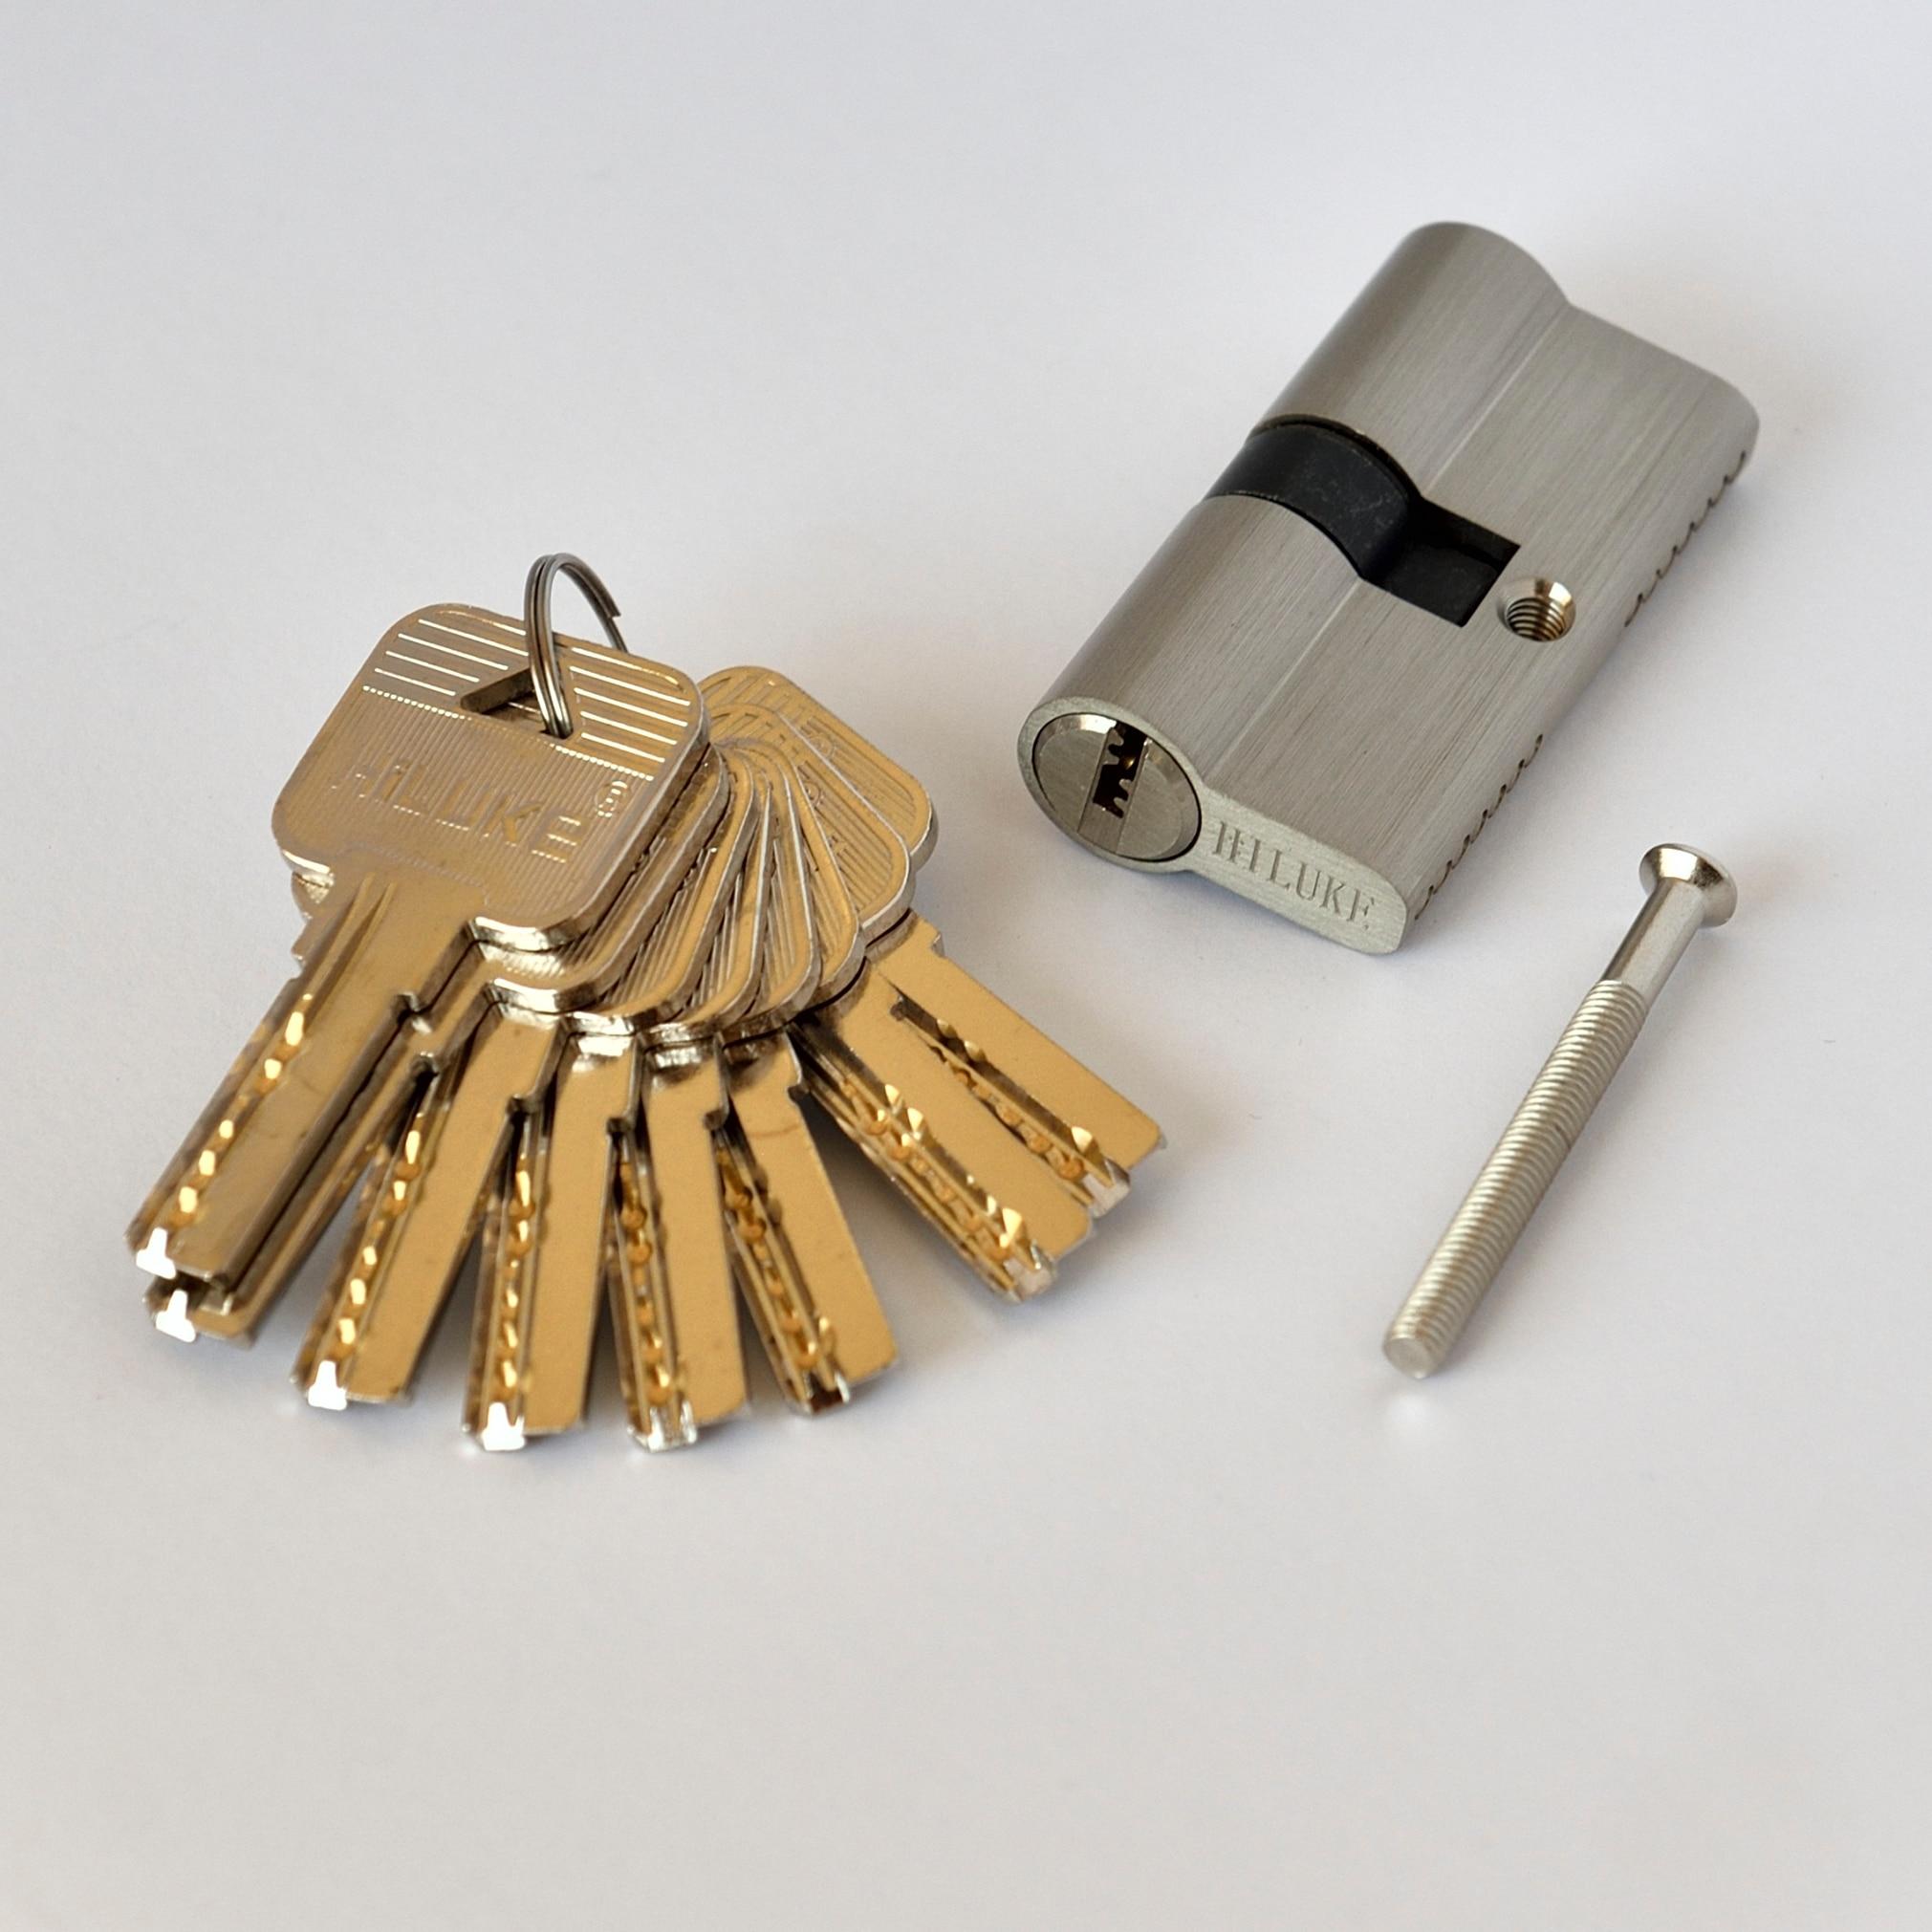 قفل أمان للأبواب ، أسطوانة نحاسية قياسية أوروبية ، 8 مفاتيح ، 60 مللي متر ، C60